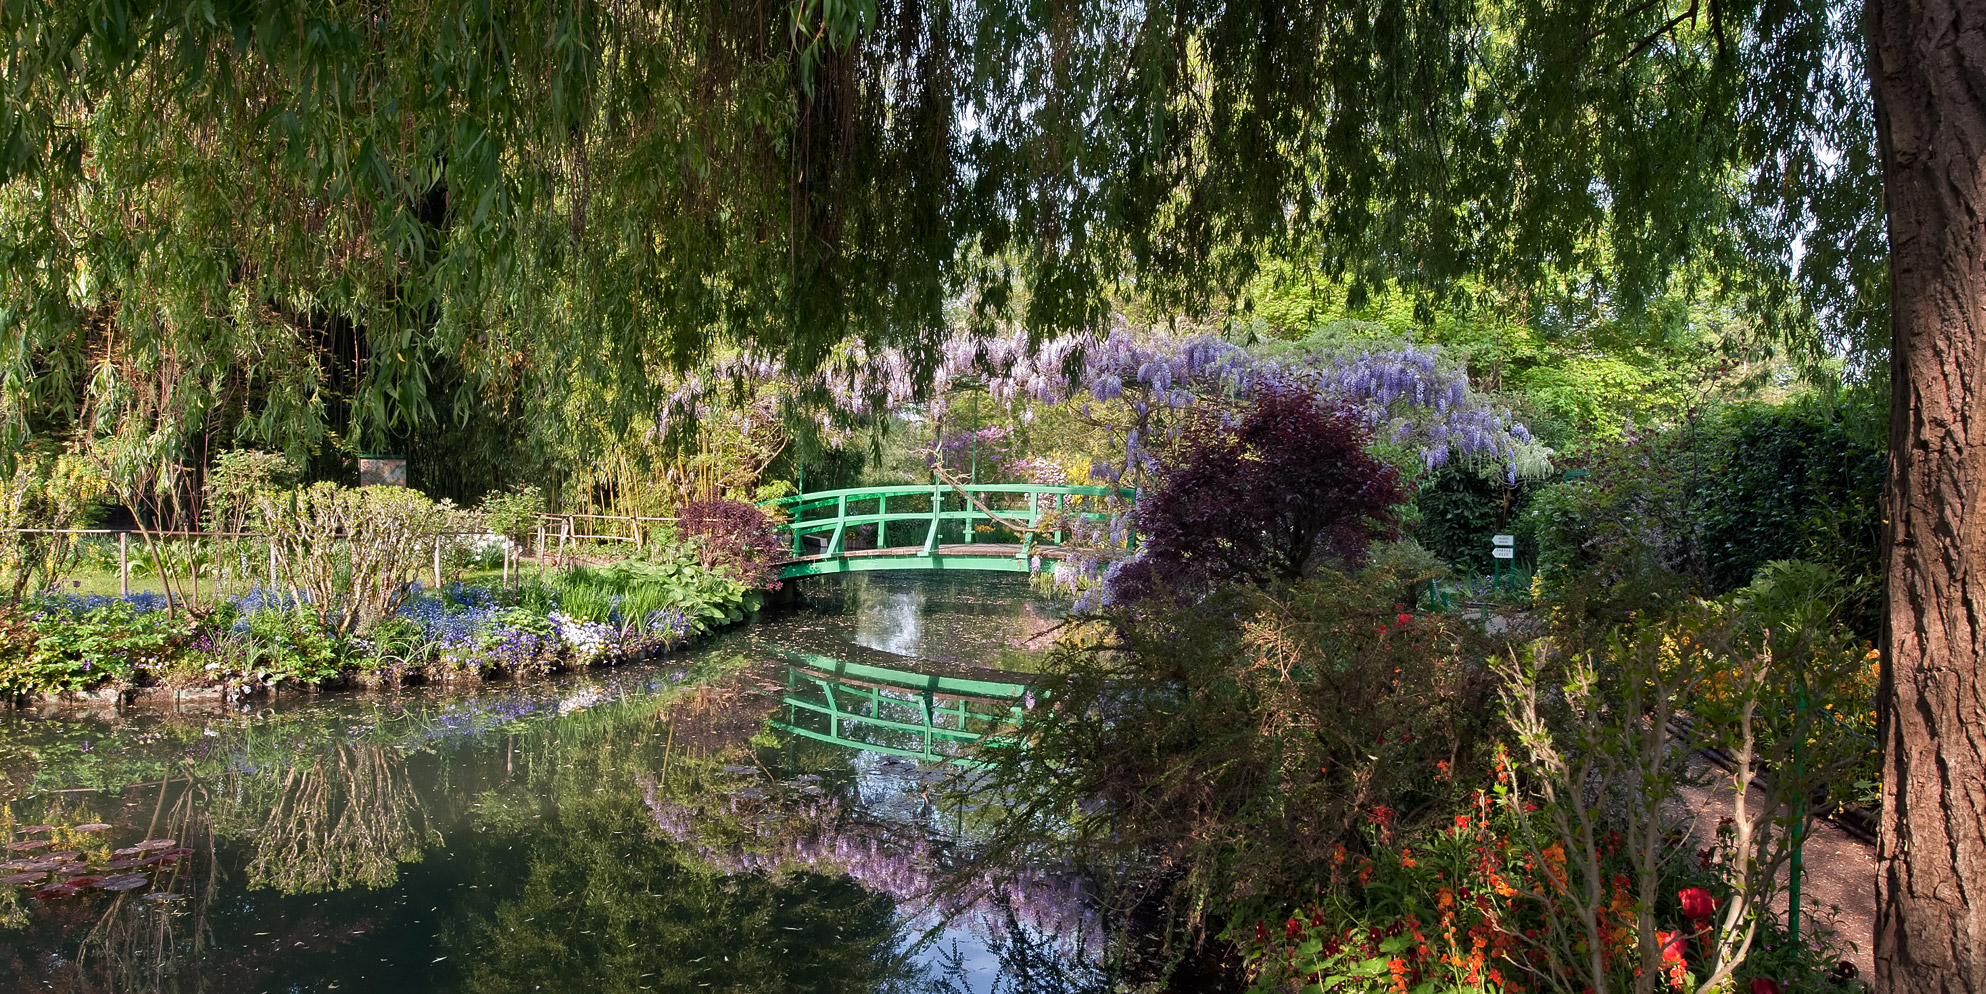 Claude Monets Garden. Credit: Paris By M